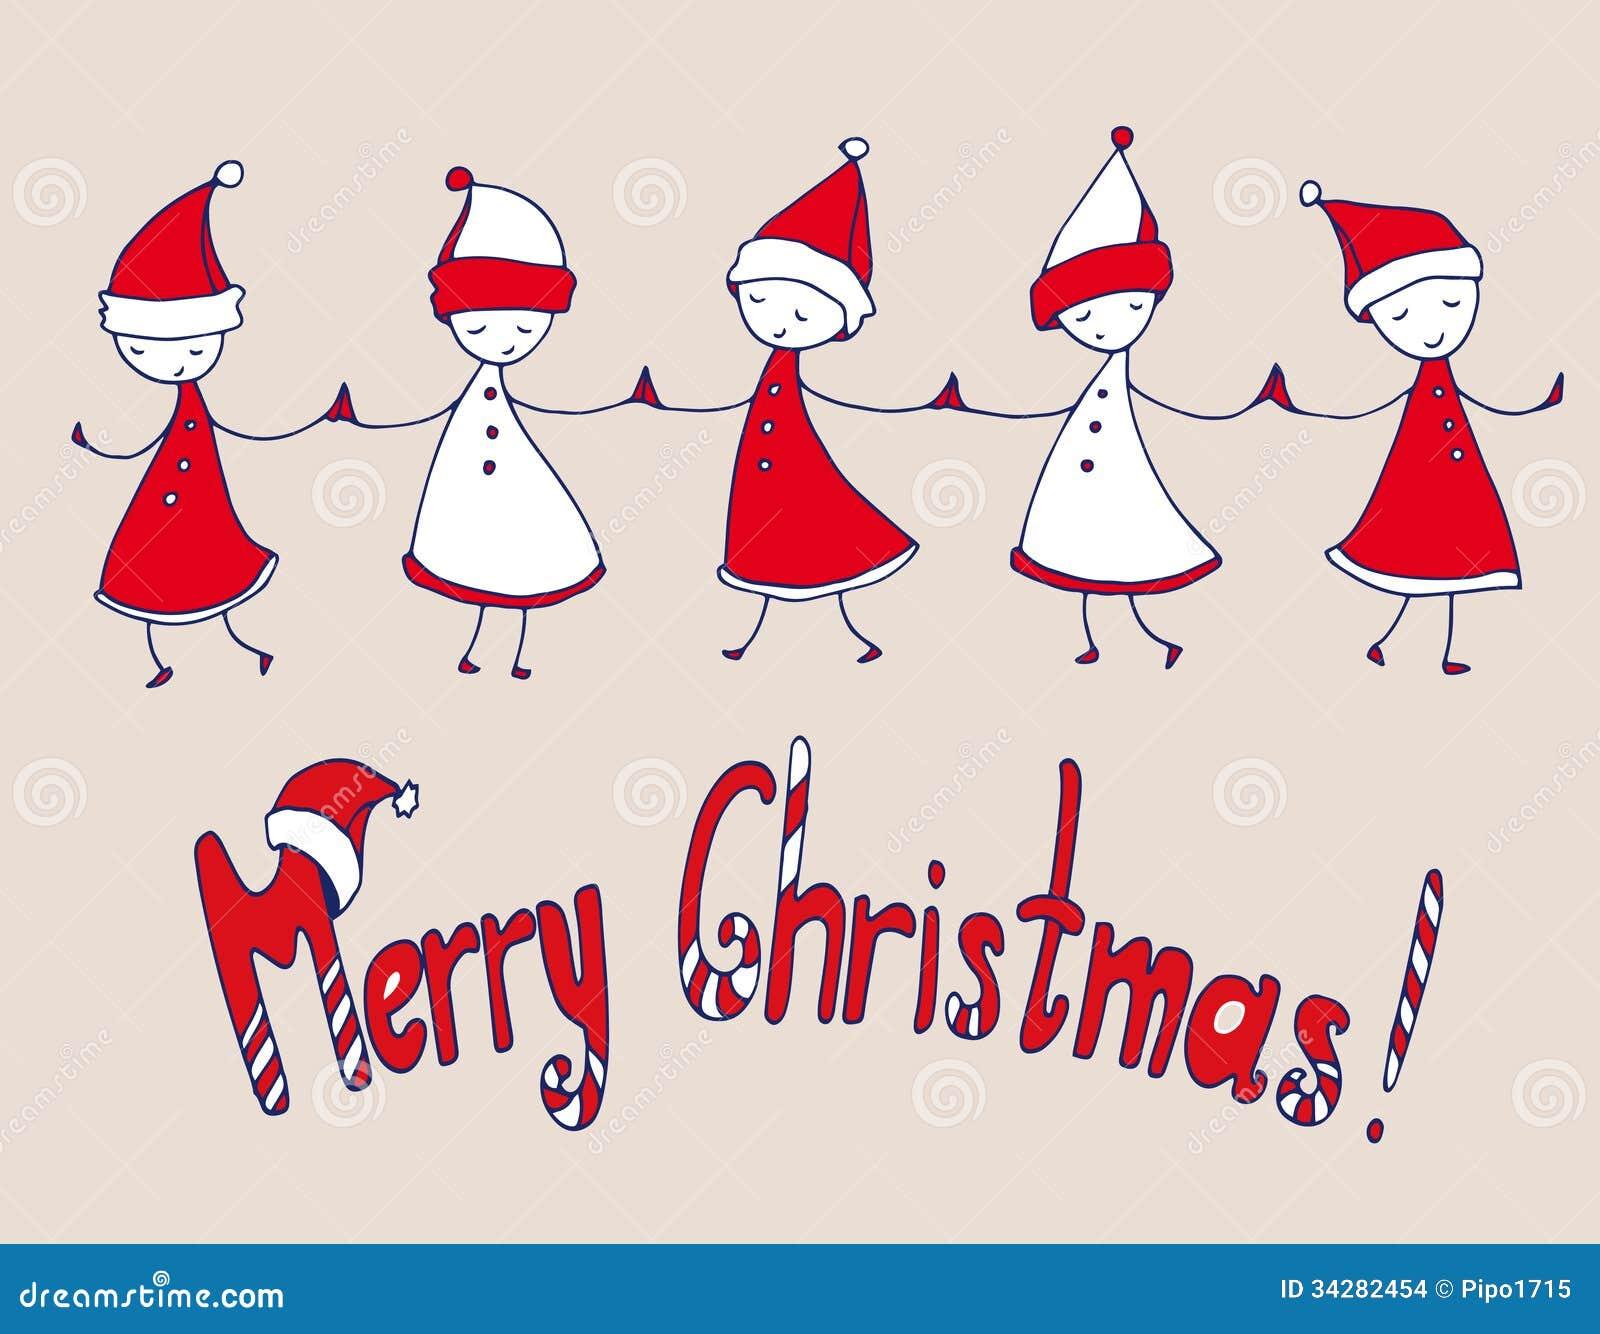 weihnachtsgl ckw nsche stockbilder bild 34282454. Black Bedroom Furniture Sets. Home Design Ideas